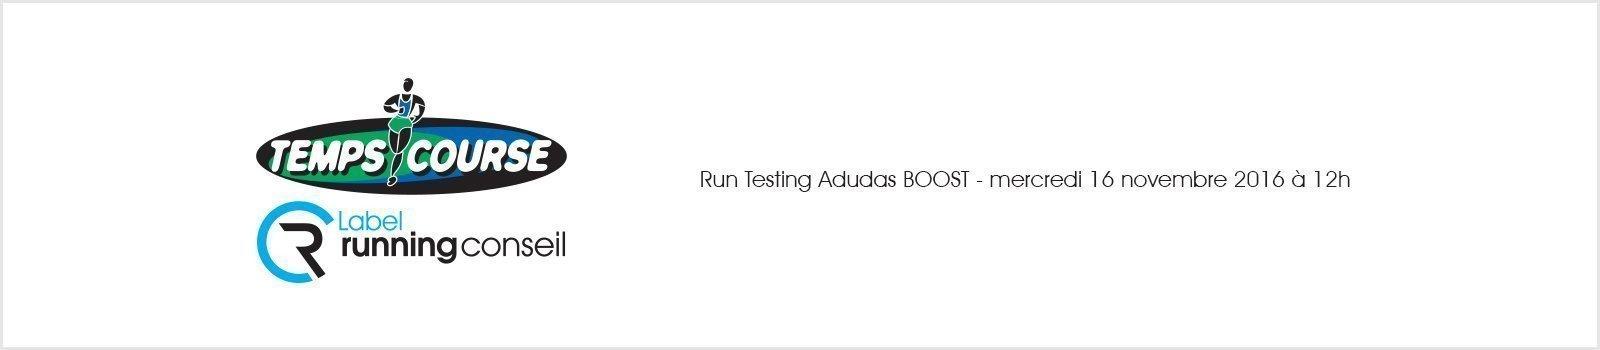 Run Testing Adidas BOOST - mercredi 16 novembre 2016 à 12h